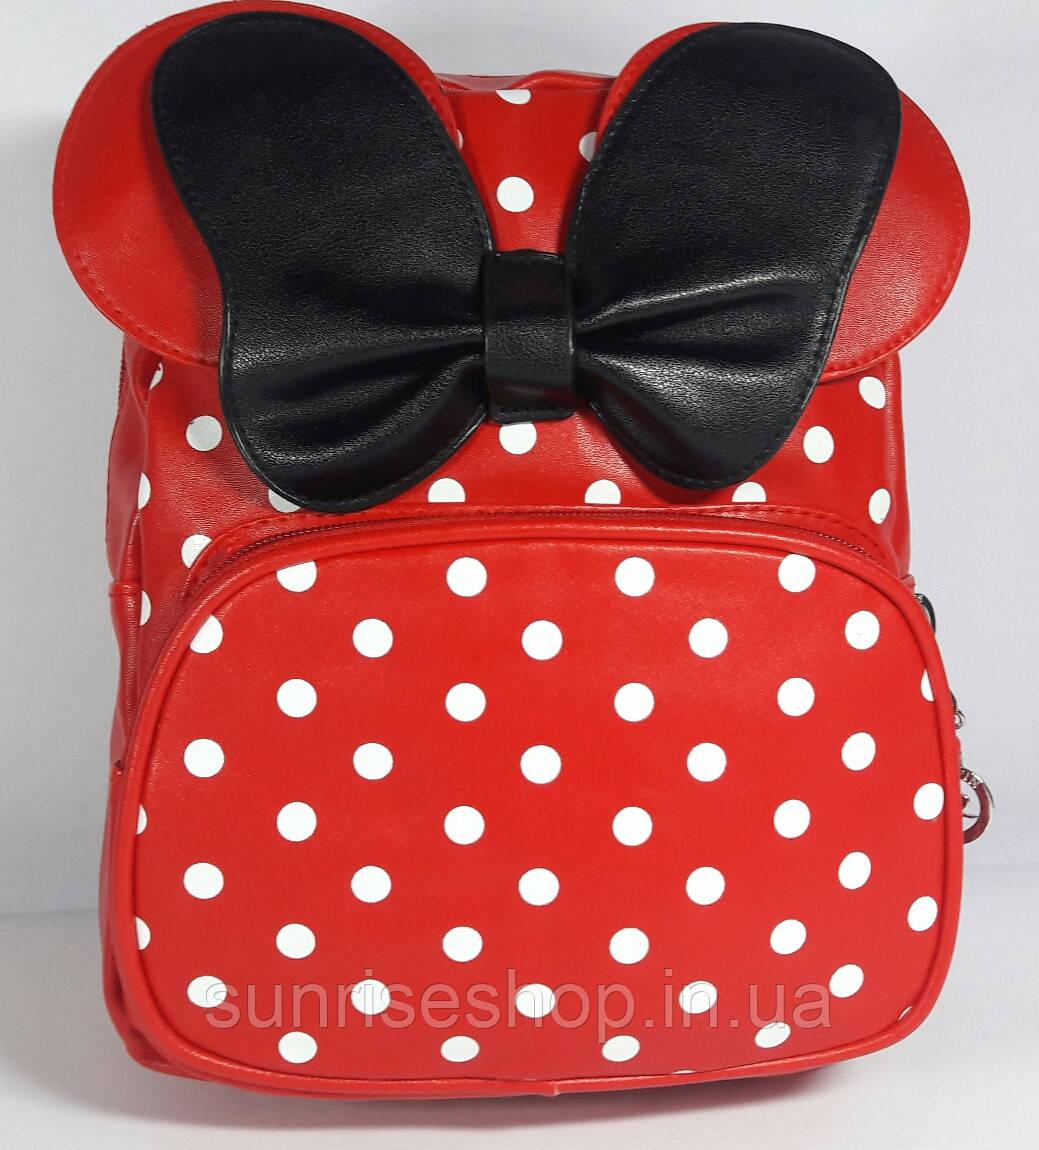 Рюкзак детский для девочки красный с наружным карманом